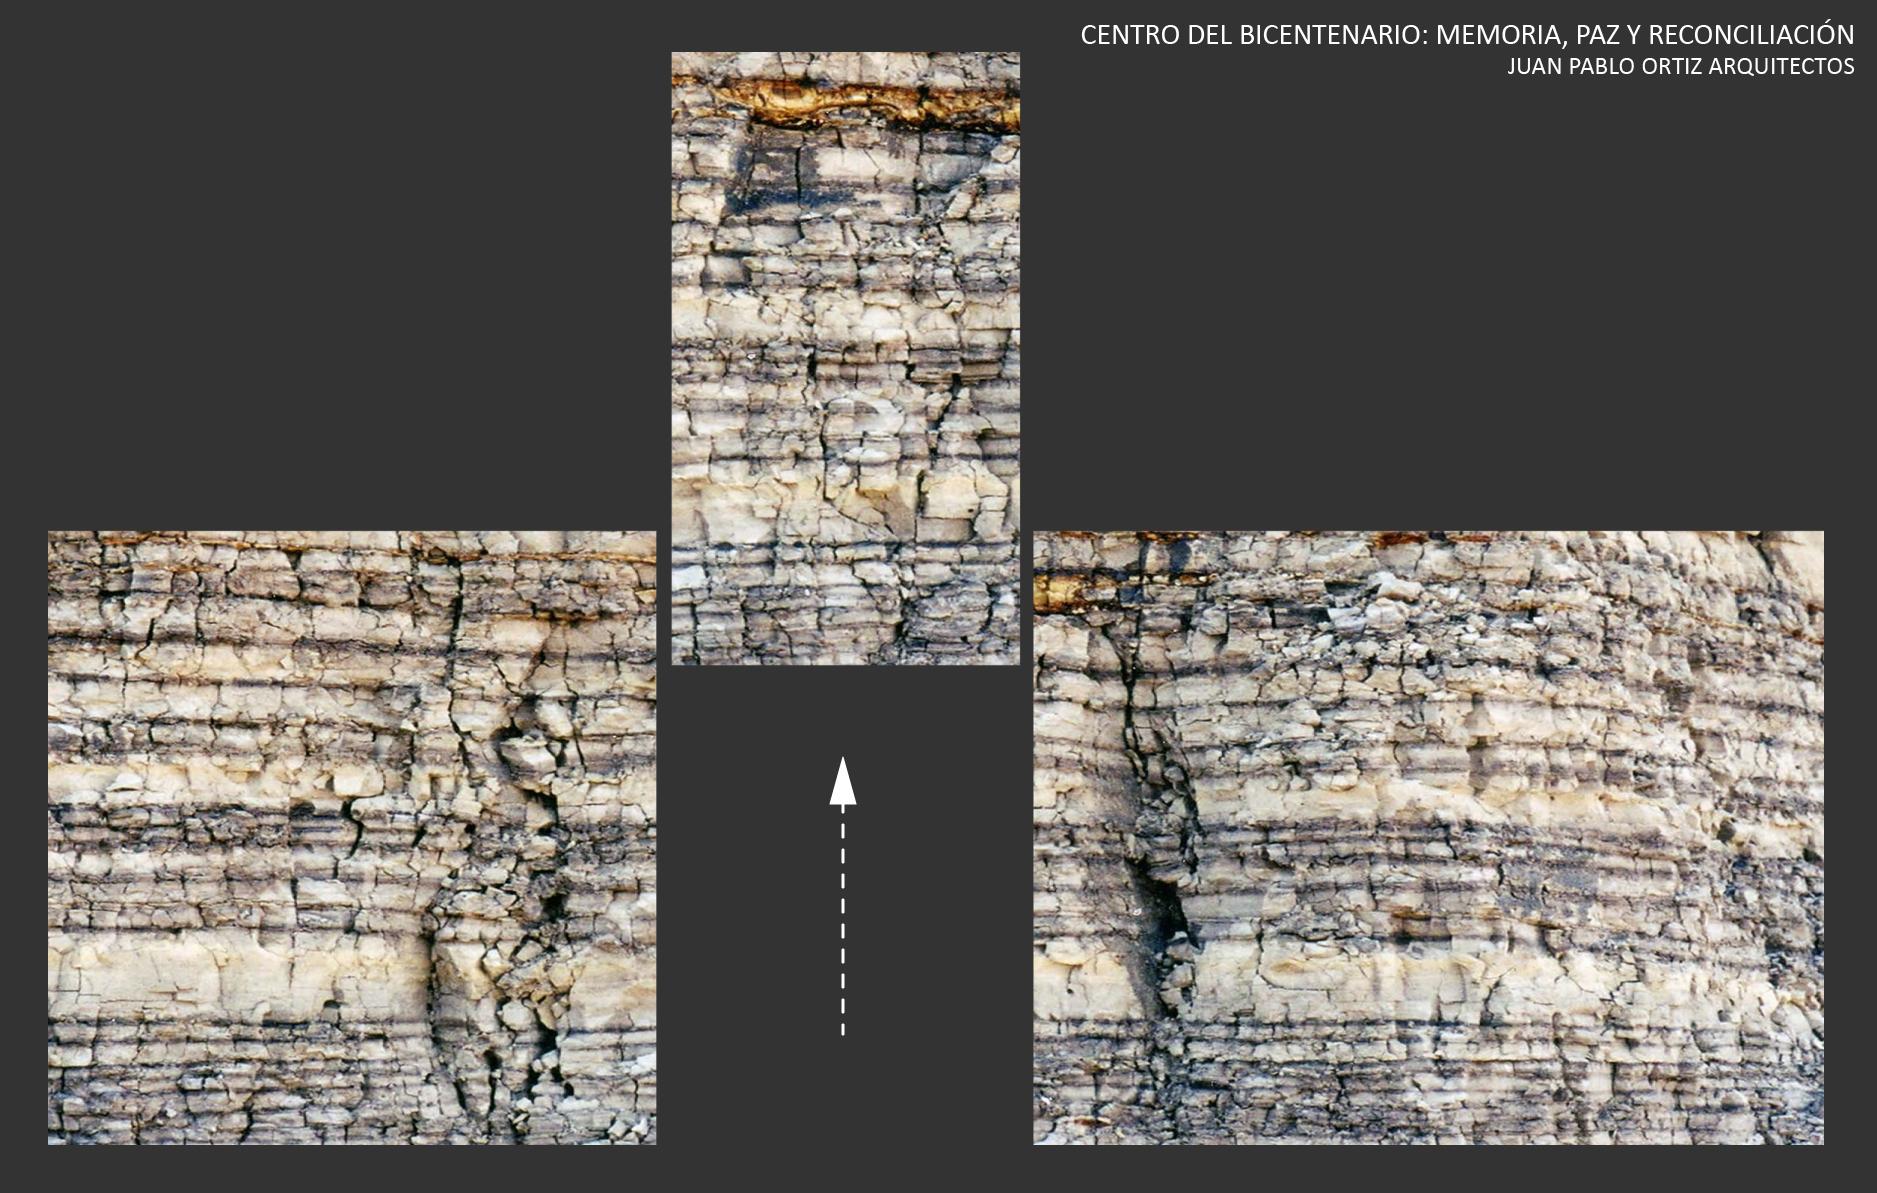 JPO Arquitectos - Centro del Bicentenario - Conceptual 1